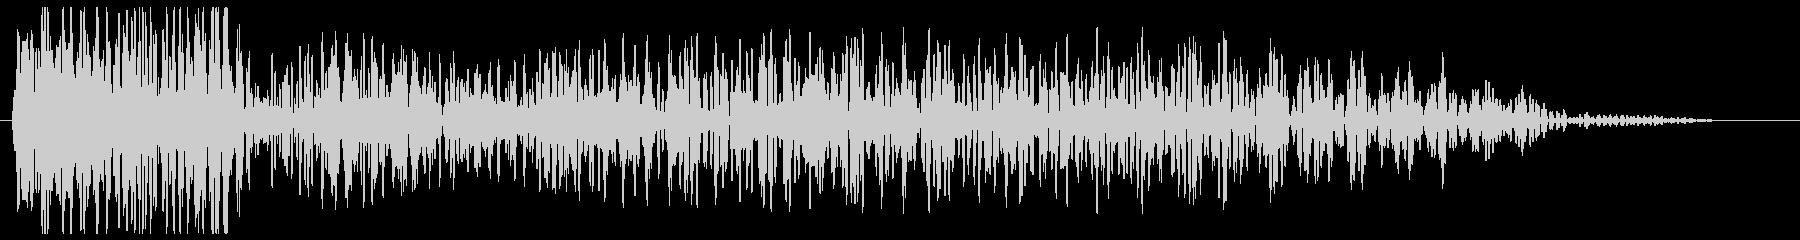 ドン ヒューン(低音で深く響く音)の未再生の波形